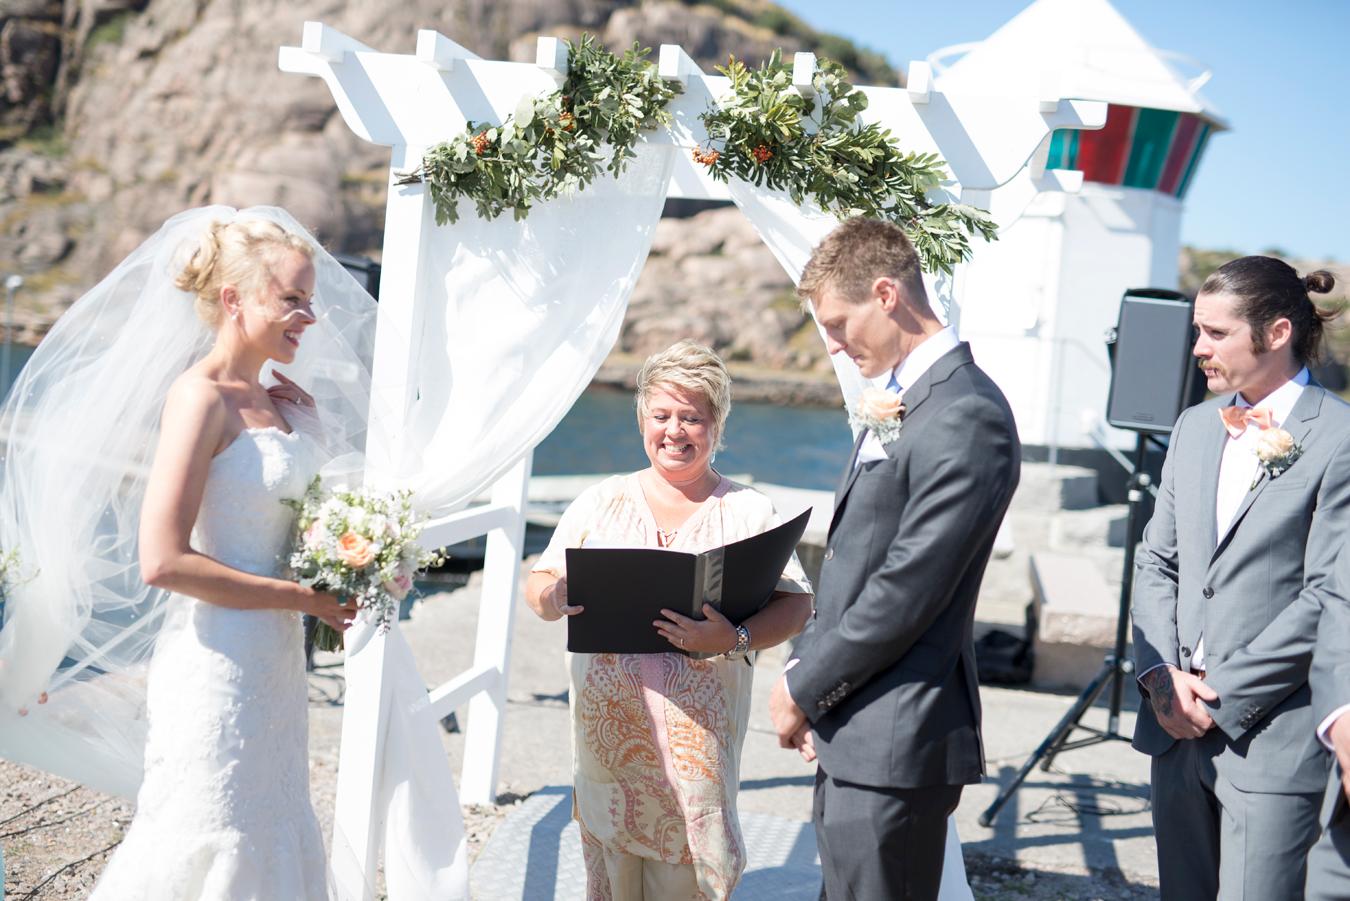 025-bröllopsfotograf-ulebergshamn-göteborg-neas-fotografi.jpg